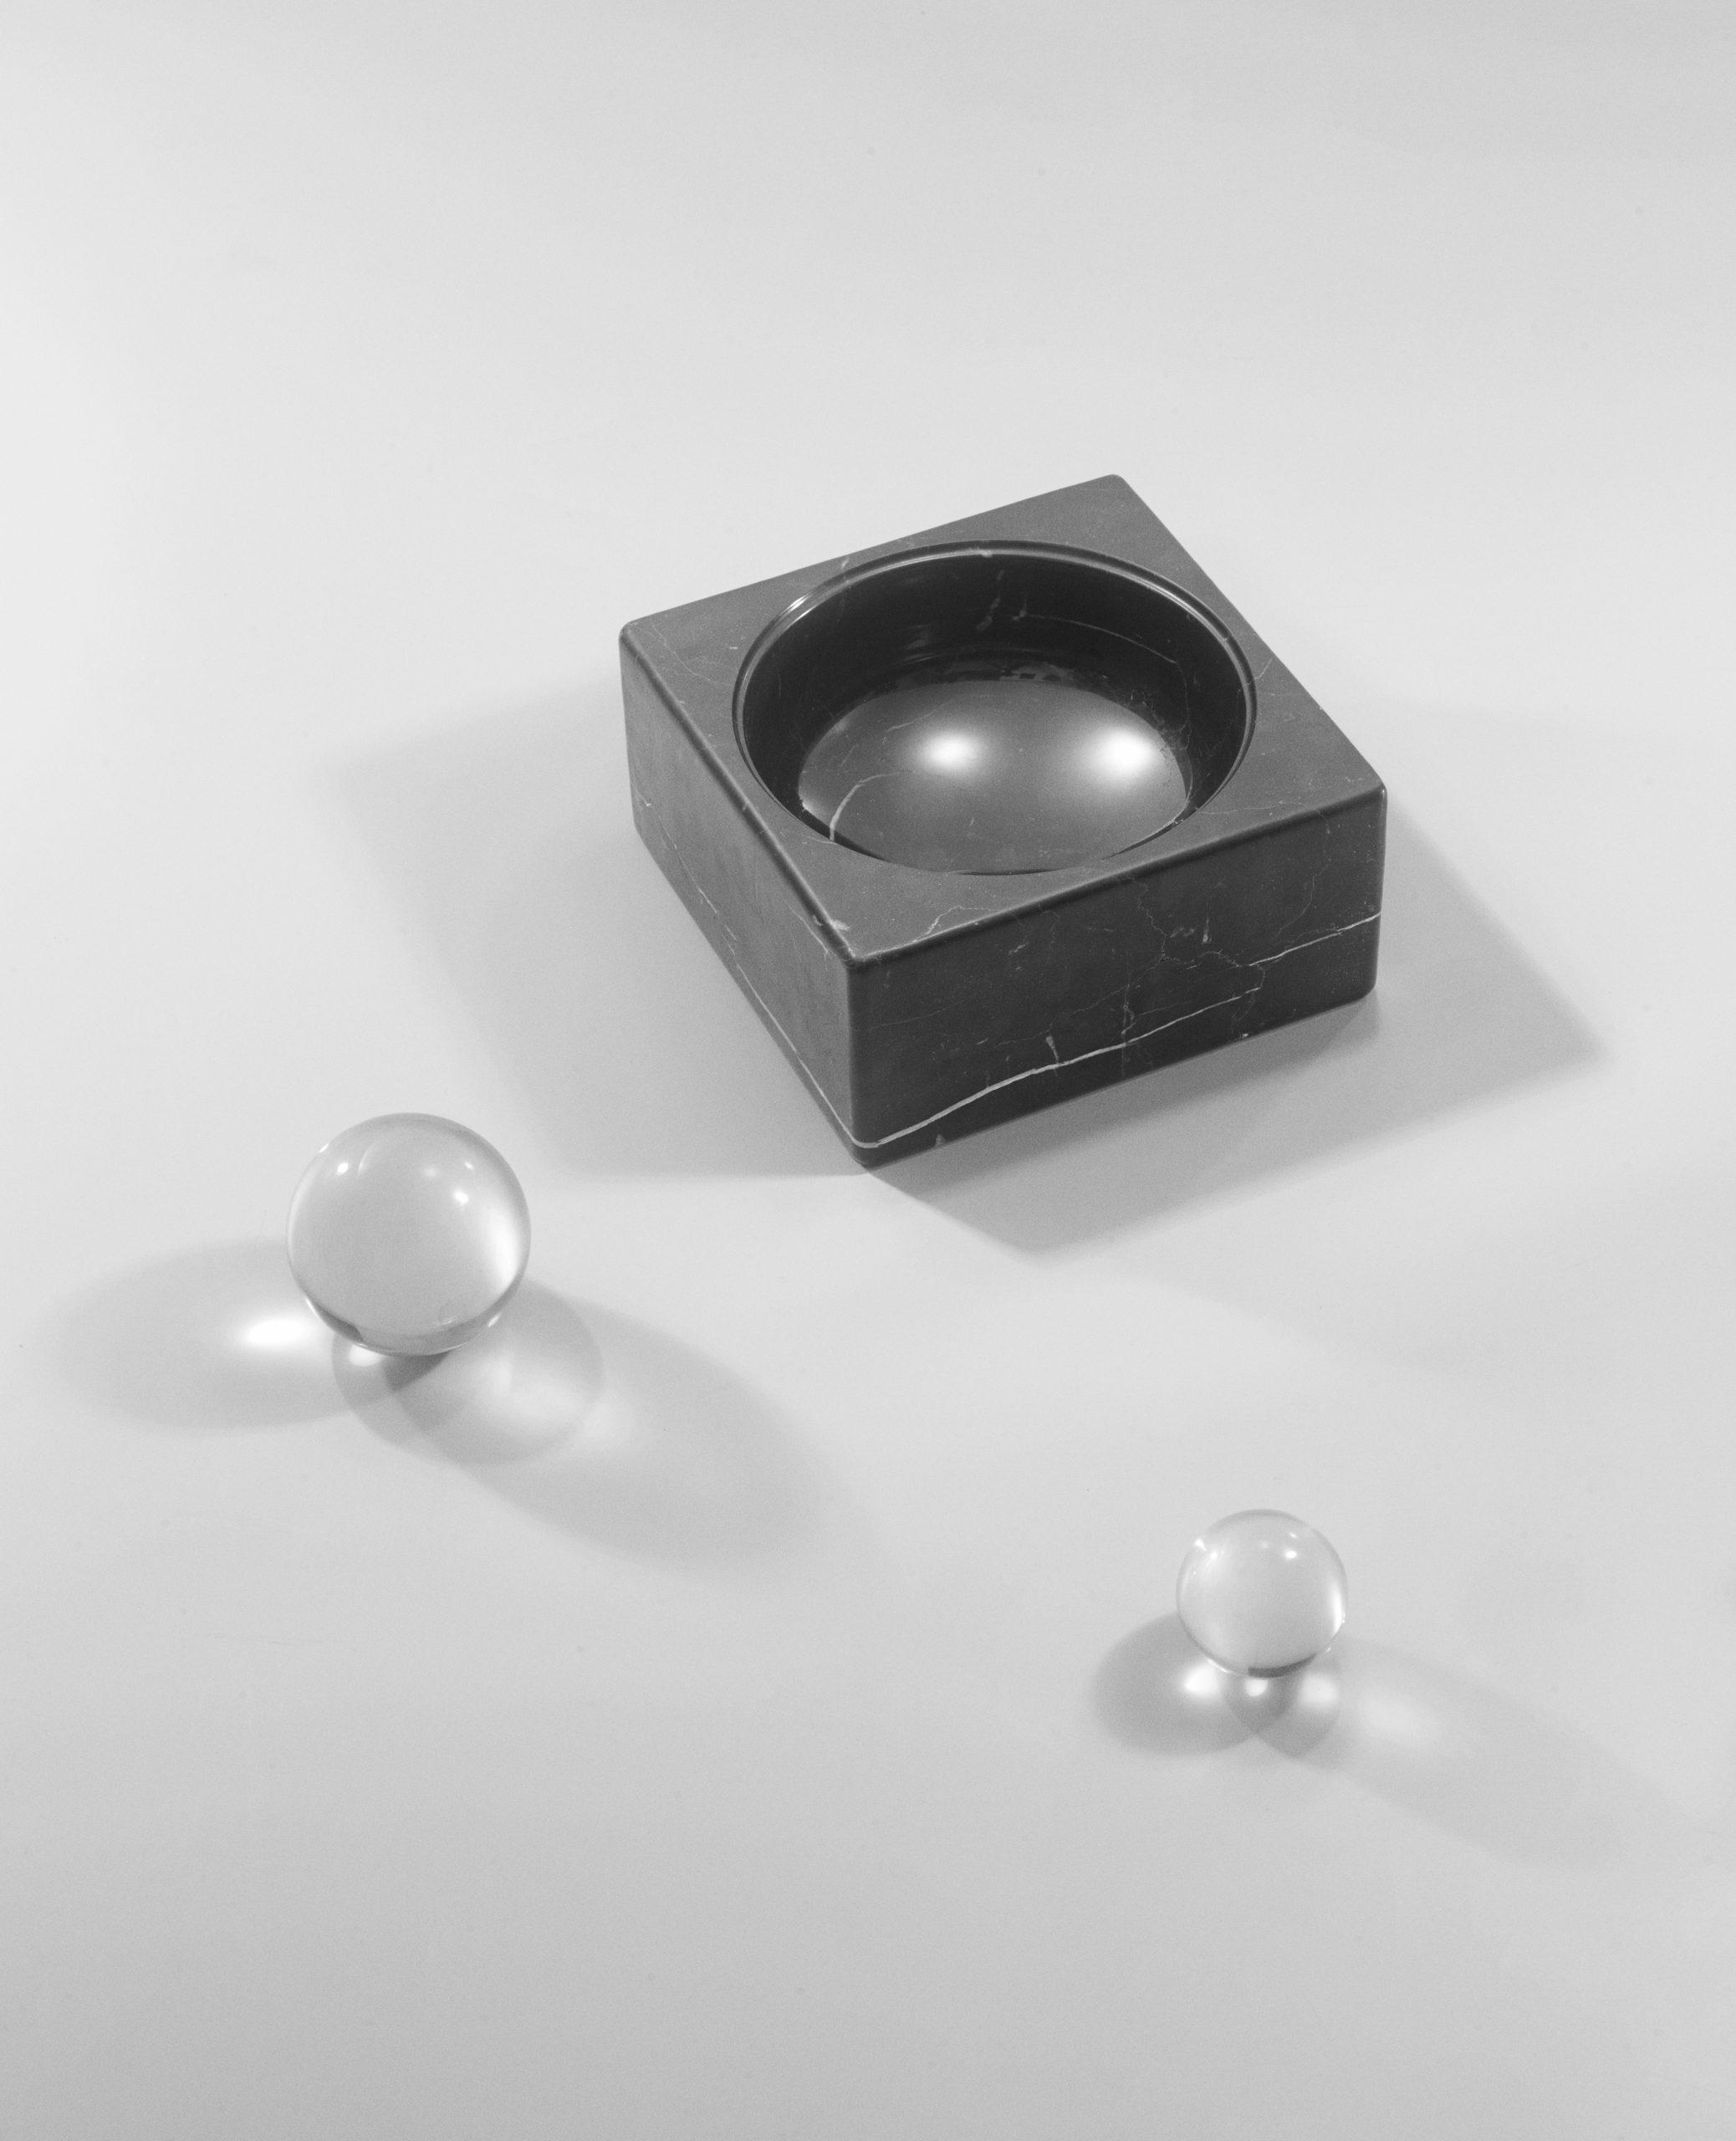 ARCHITECTMADE PK Marble Bowl Denmark Poul Kjærholm